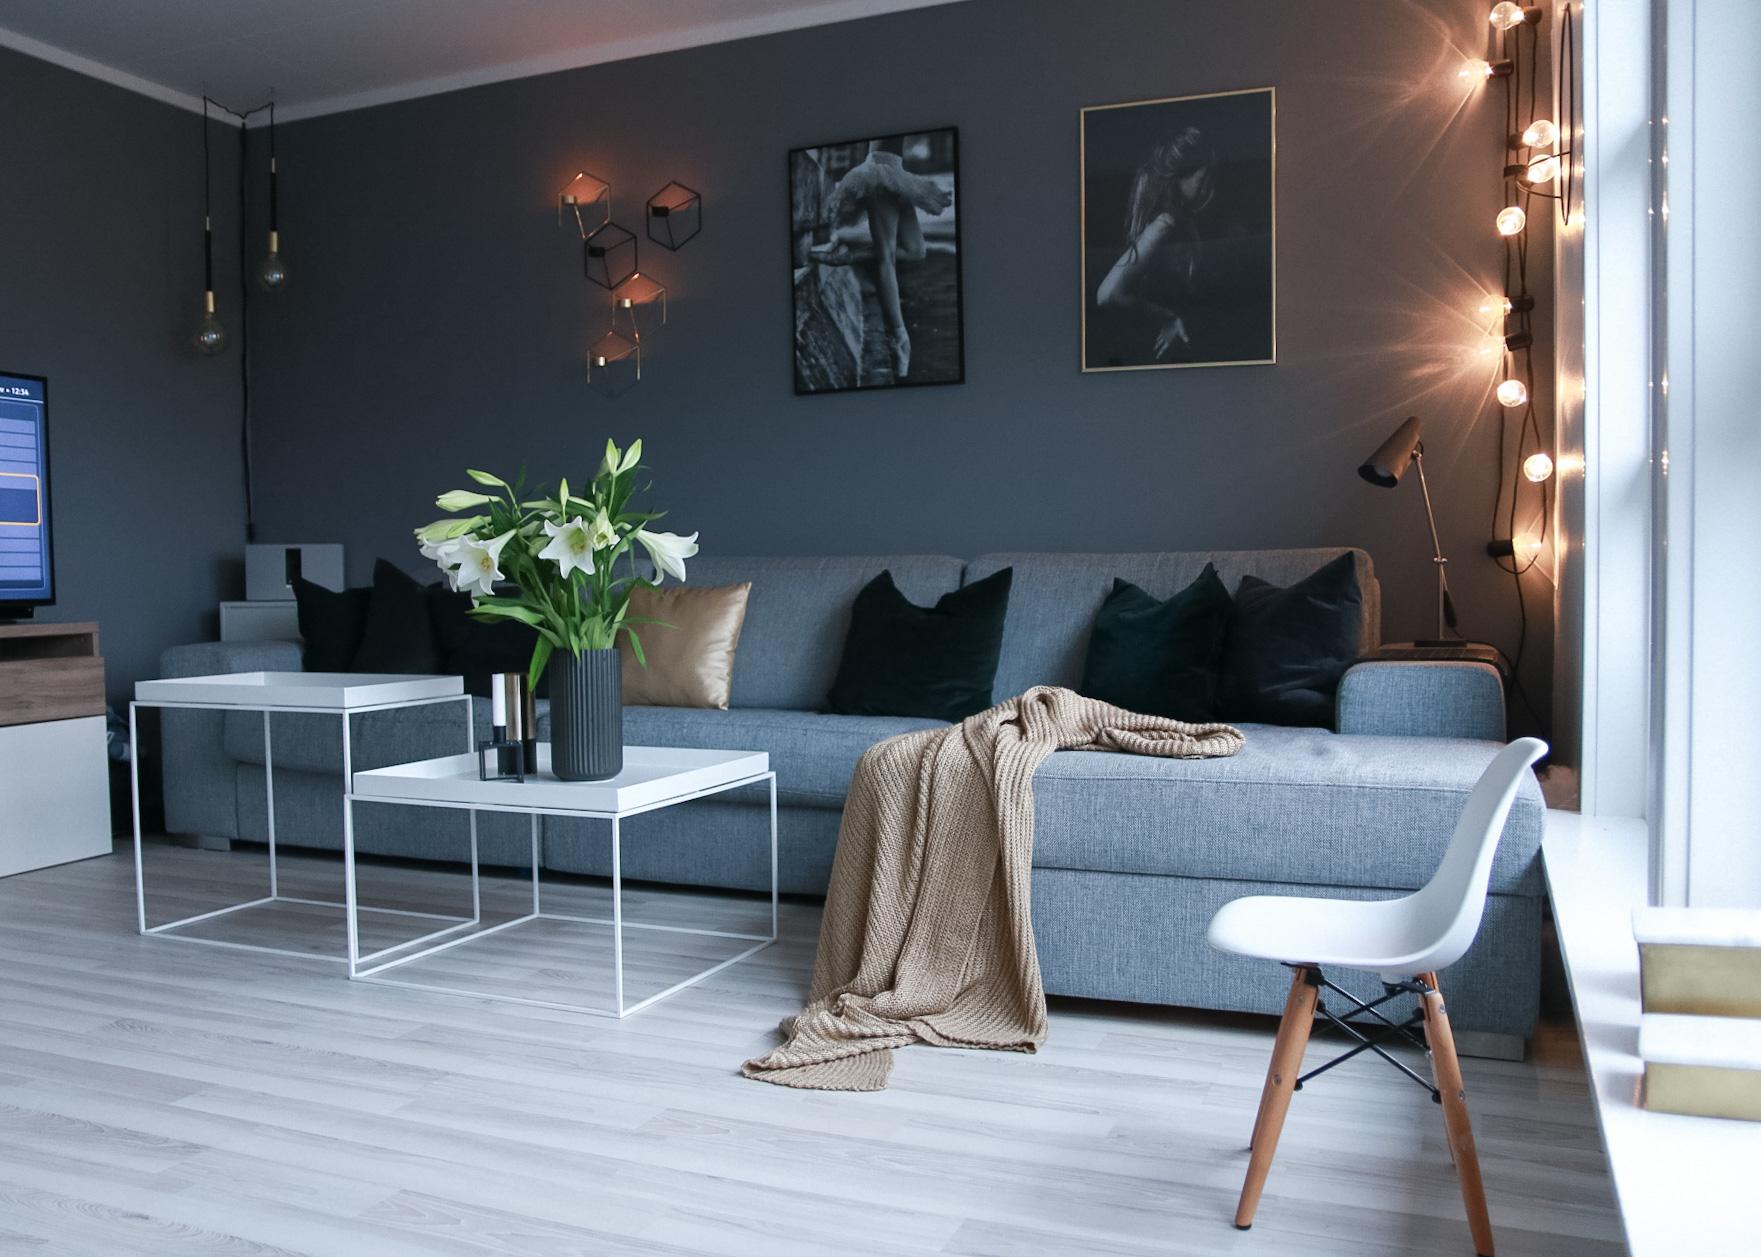 Julepyntet hus og stuebilder - HVITELINJER BLOGG